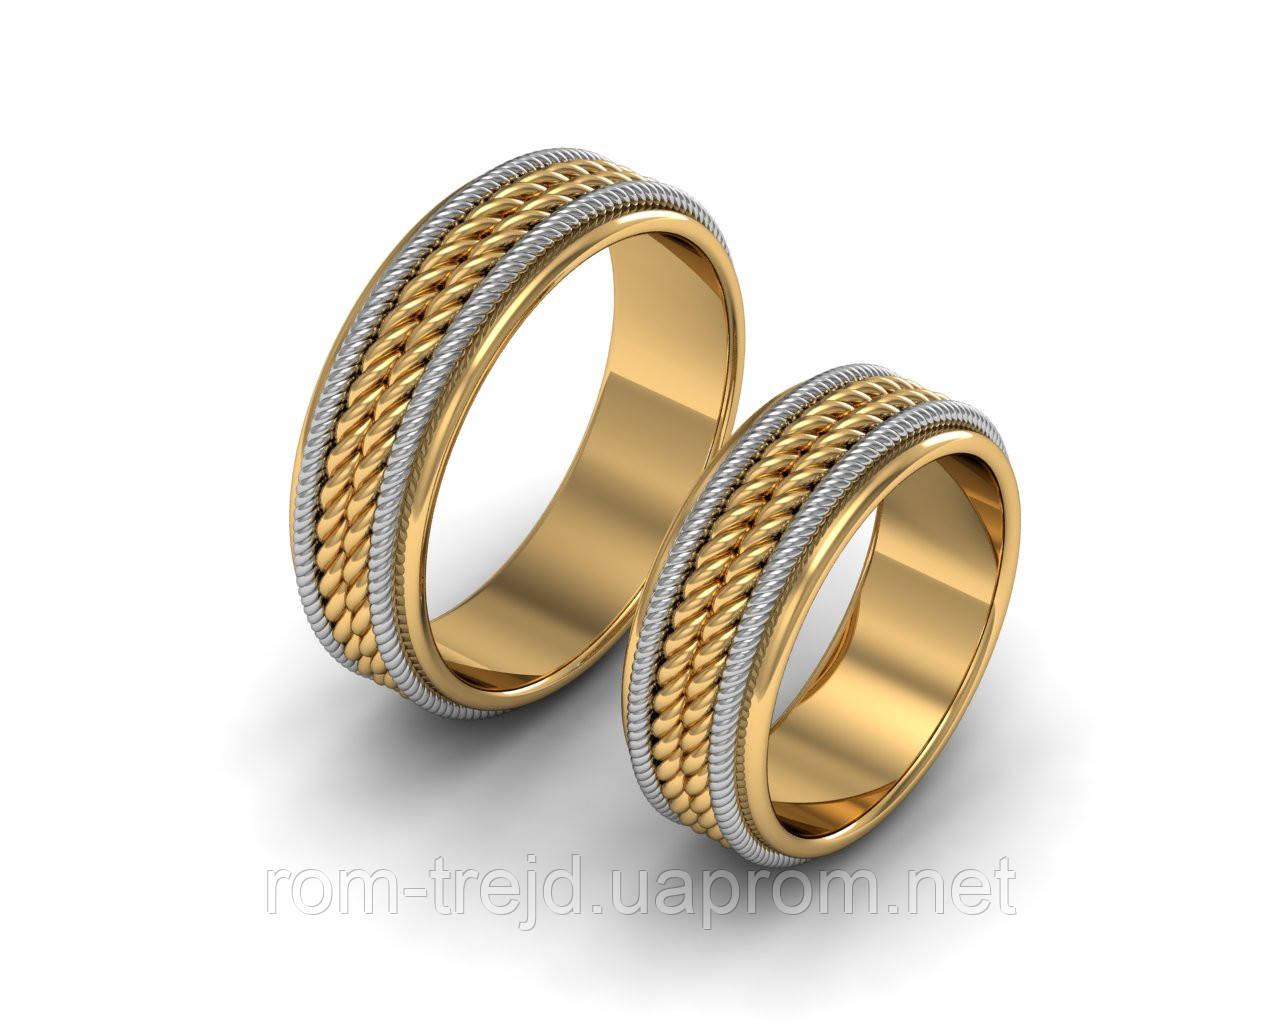 Обручальные кольца. Золото.